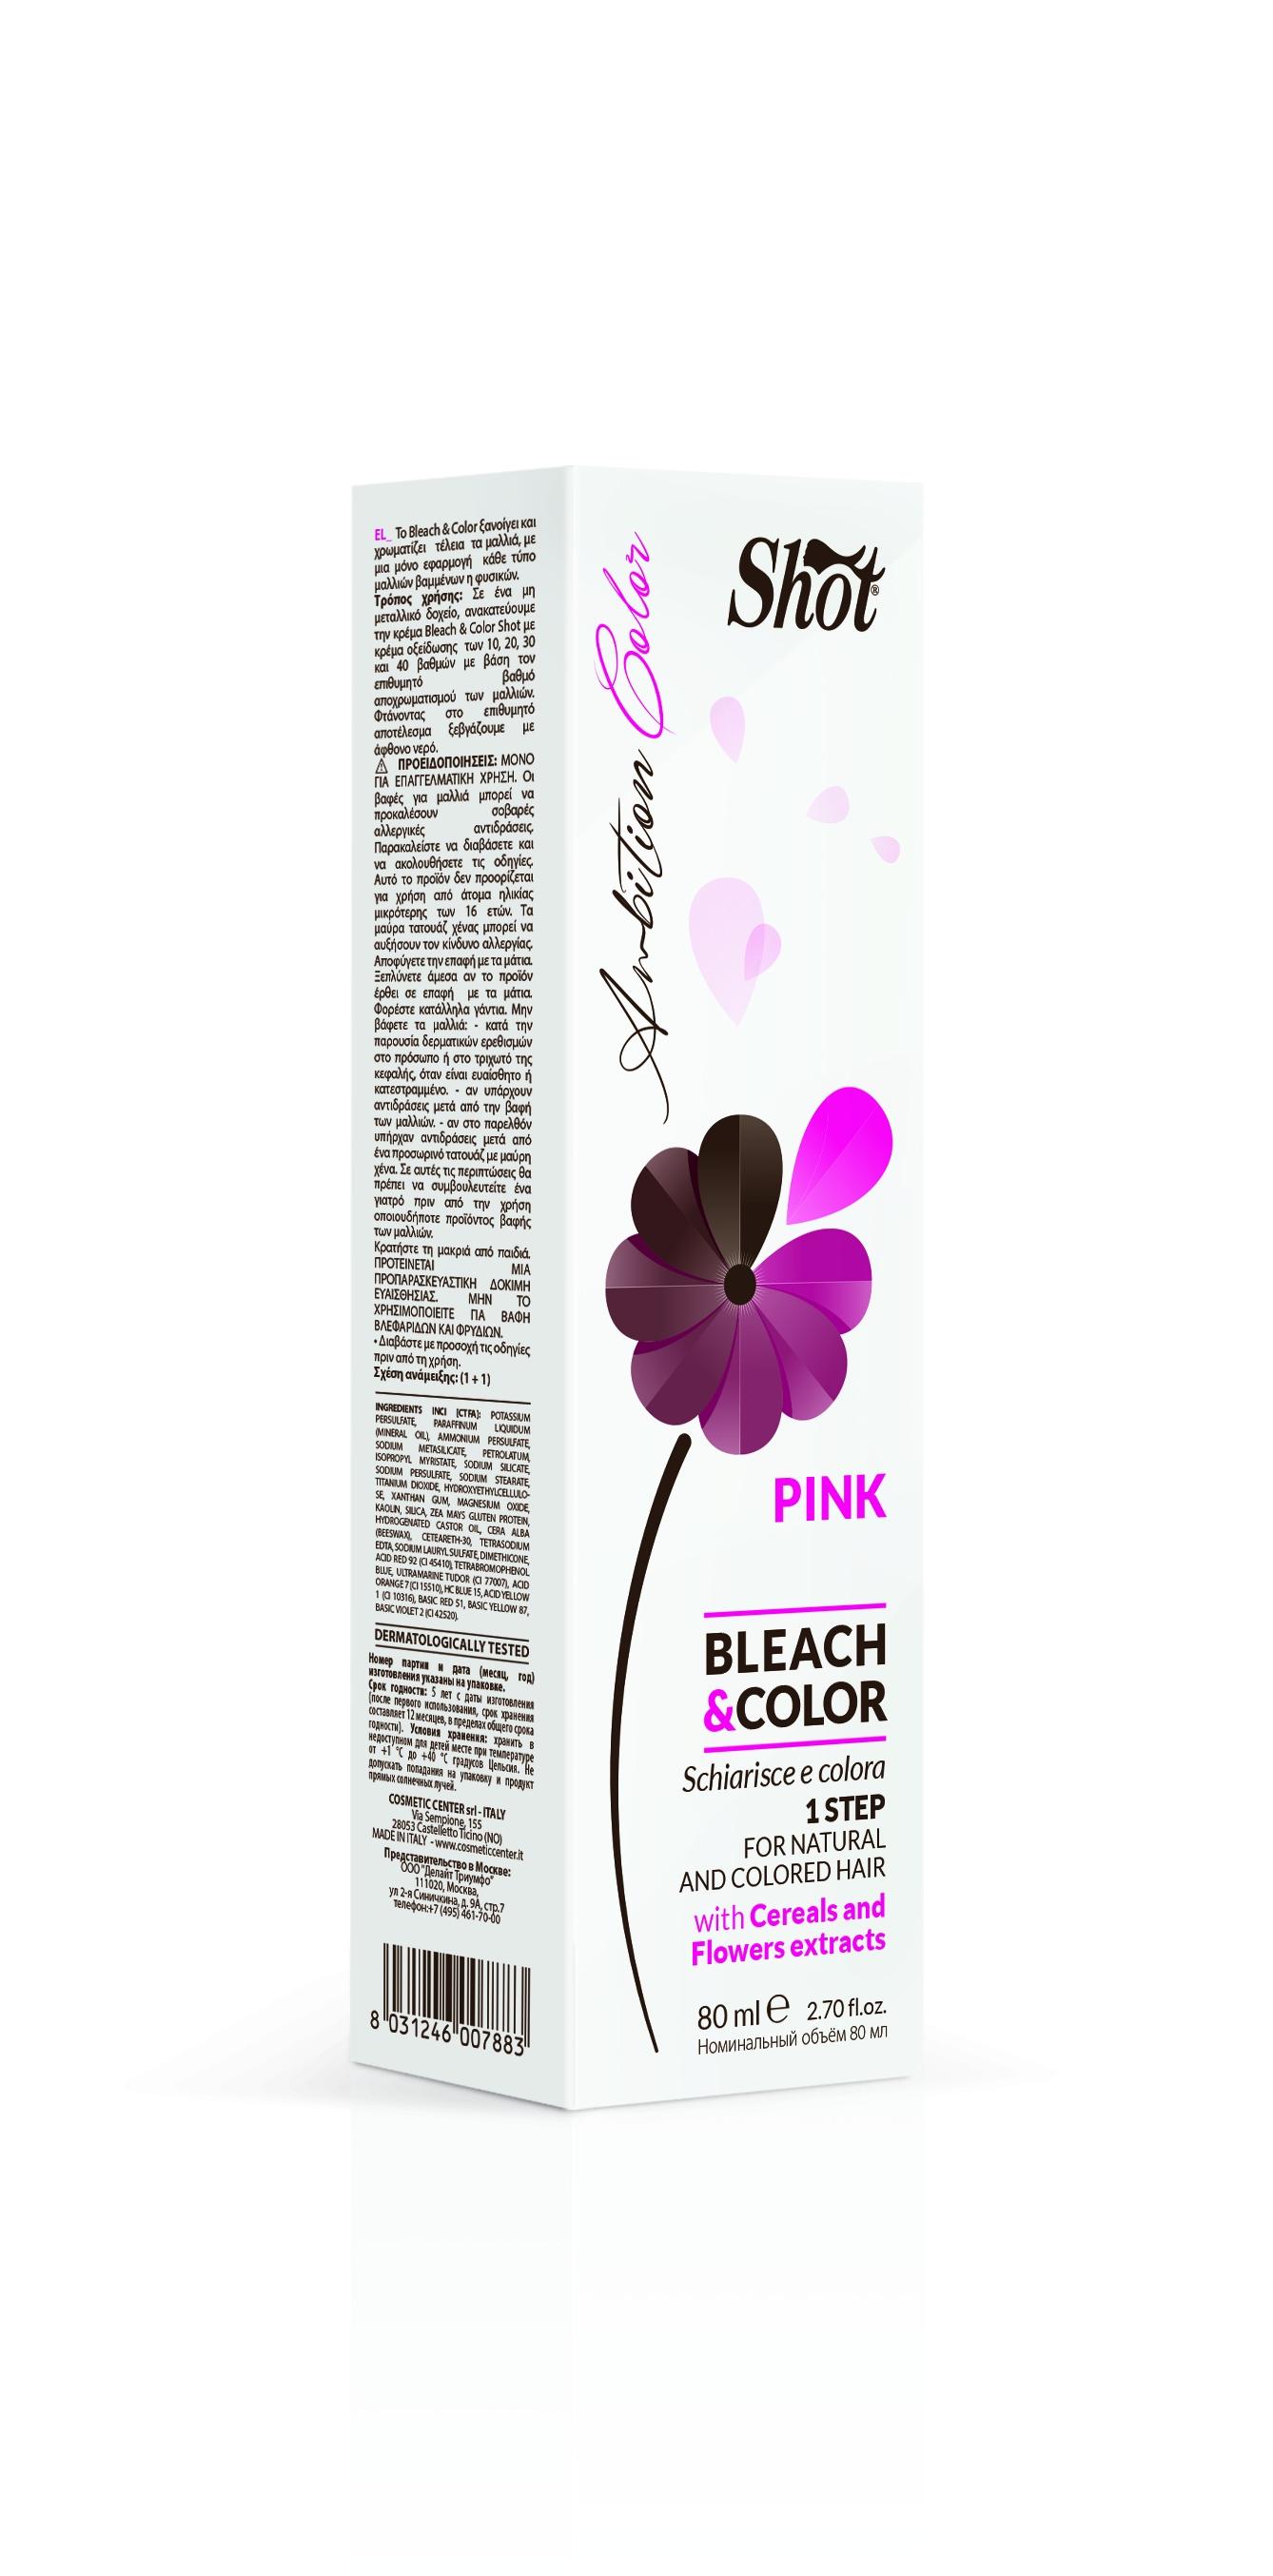 Фото - SHOT Обесцвечивающий Крем с Пигментом Розовый Bleach & Color, 80 мл faux pearl frayed bleach wash denim jacket